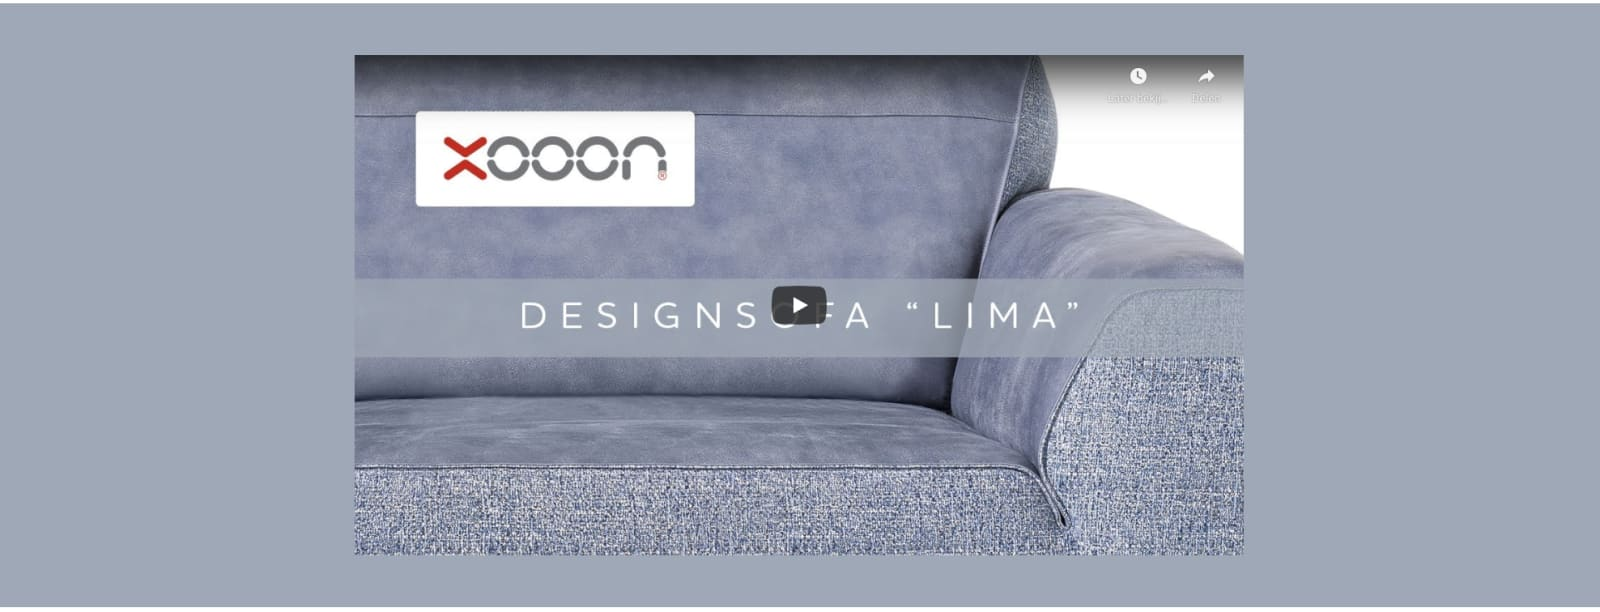 """Ontdek de designbank """"LIMA"""""""